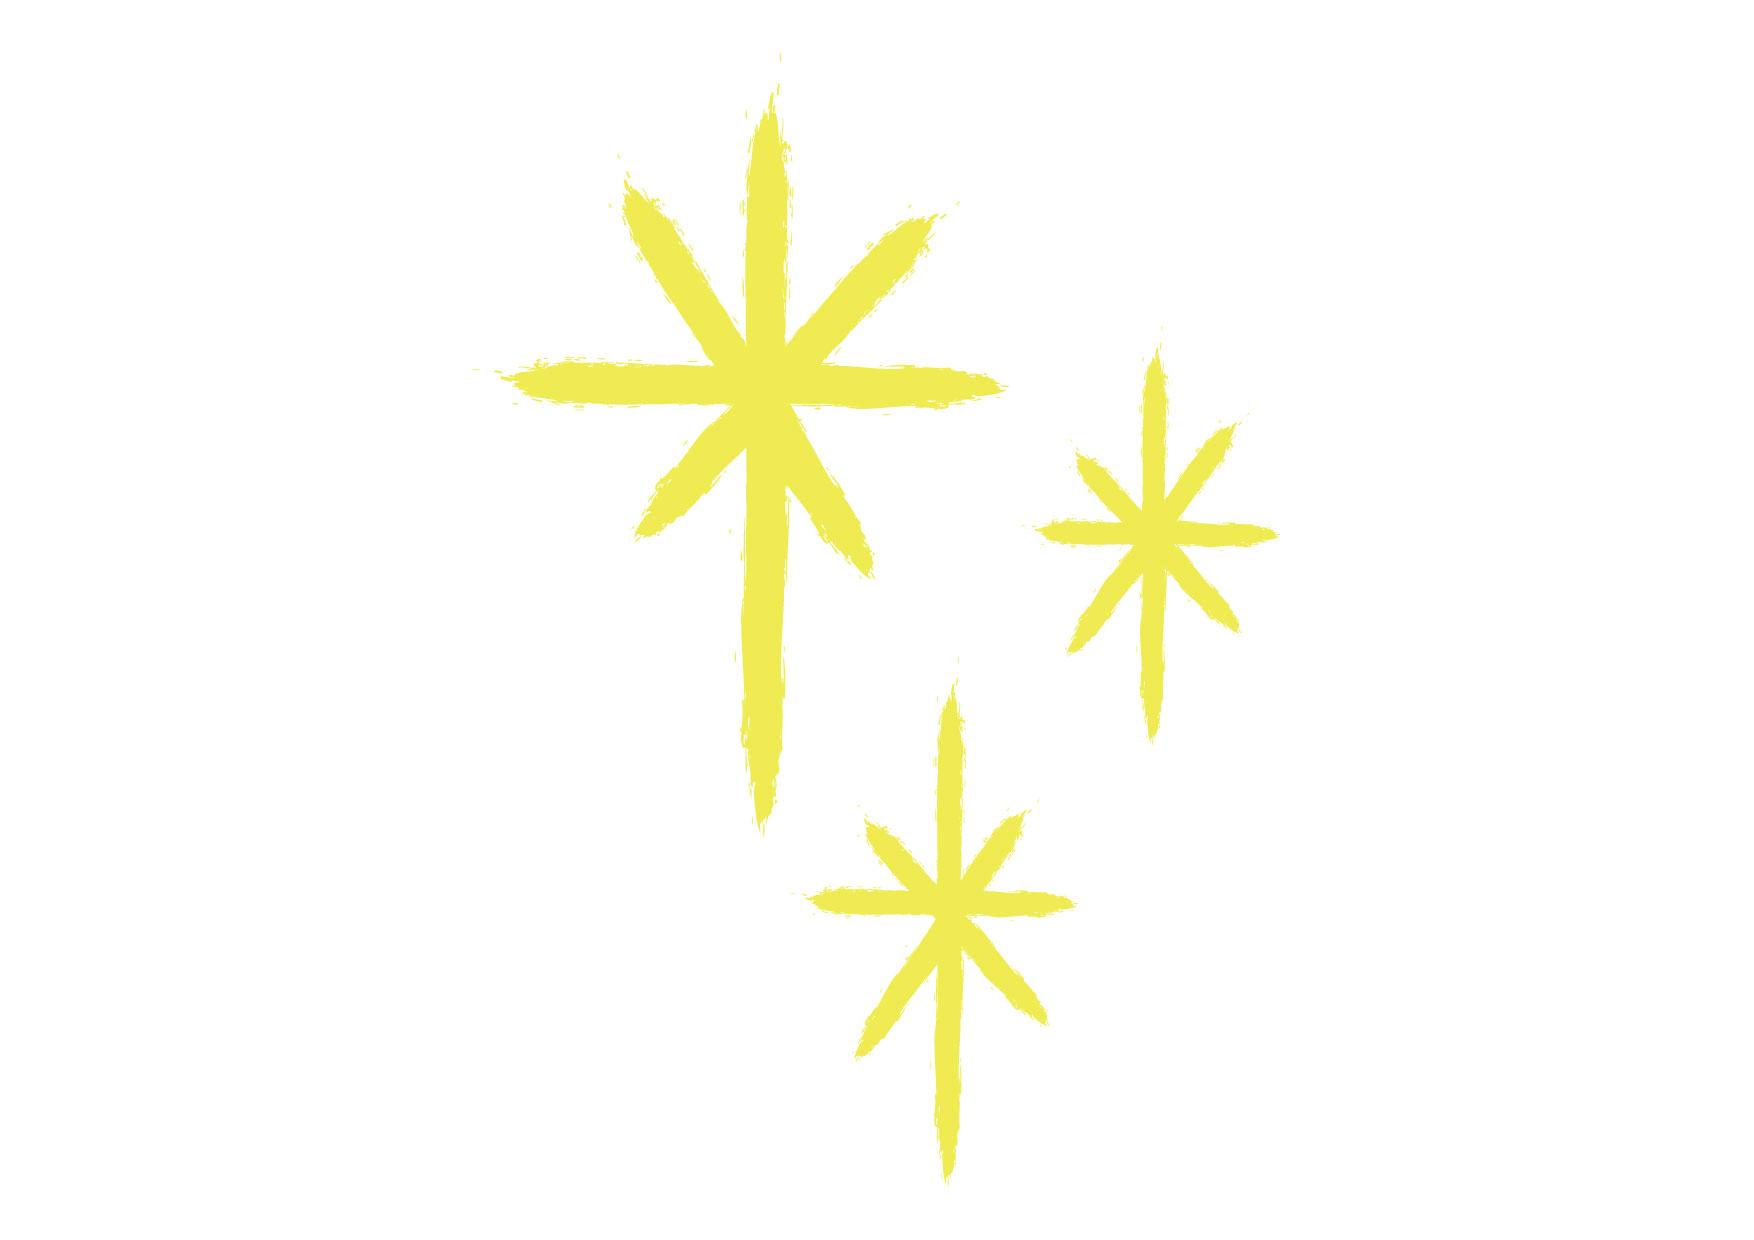 可愛いイラスト無料|キラキラ 光 黄色 − free illustration Glitter light yellow